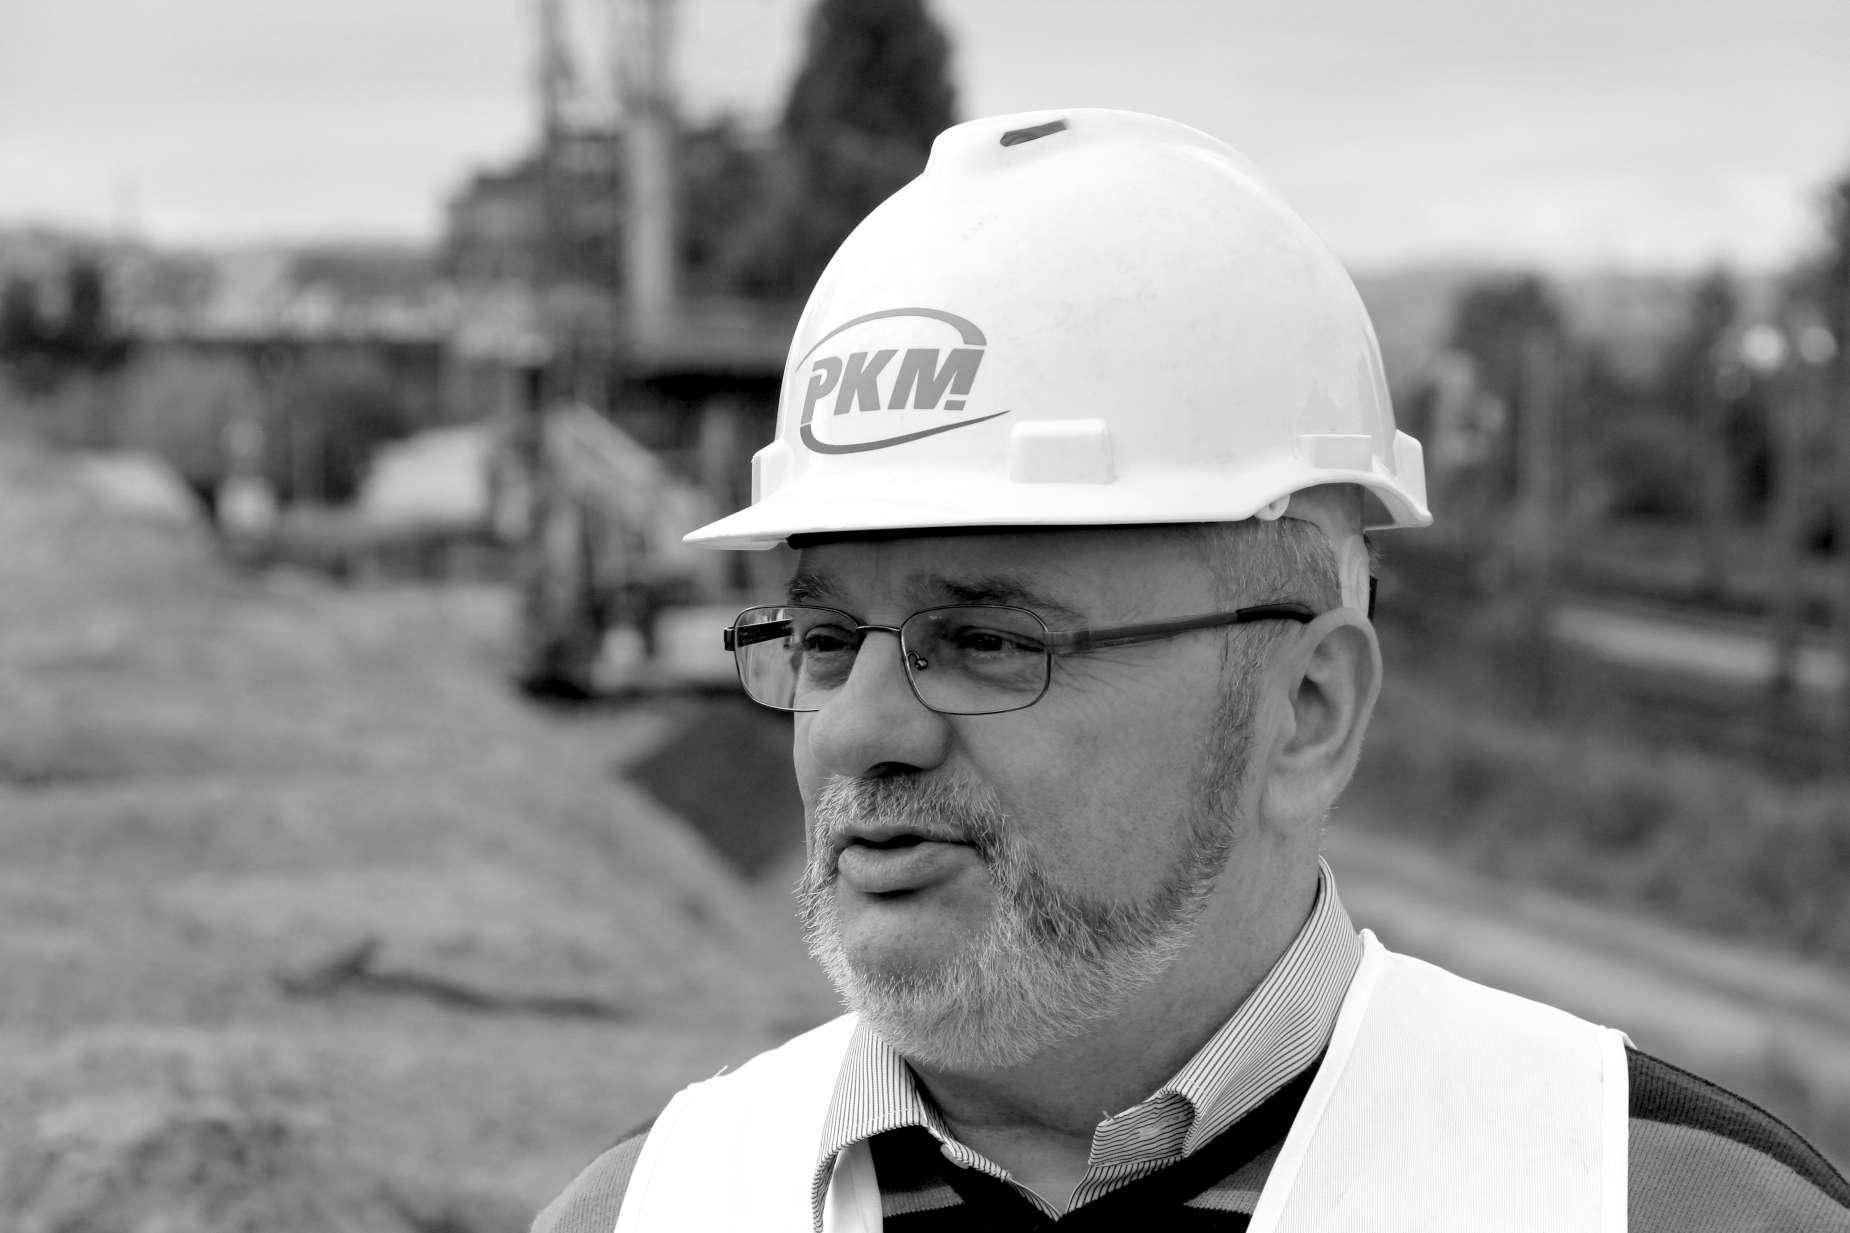 Krzysztof Rudziński PKM